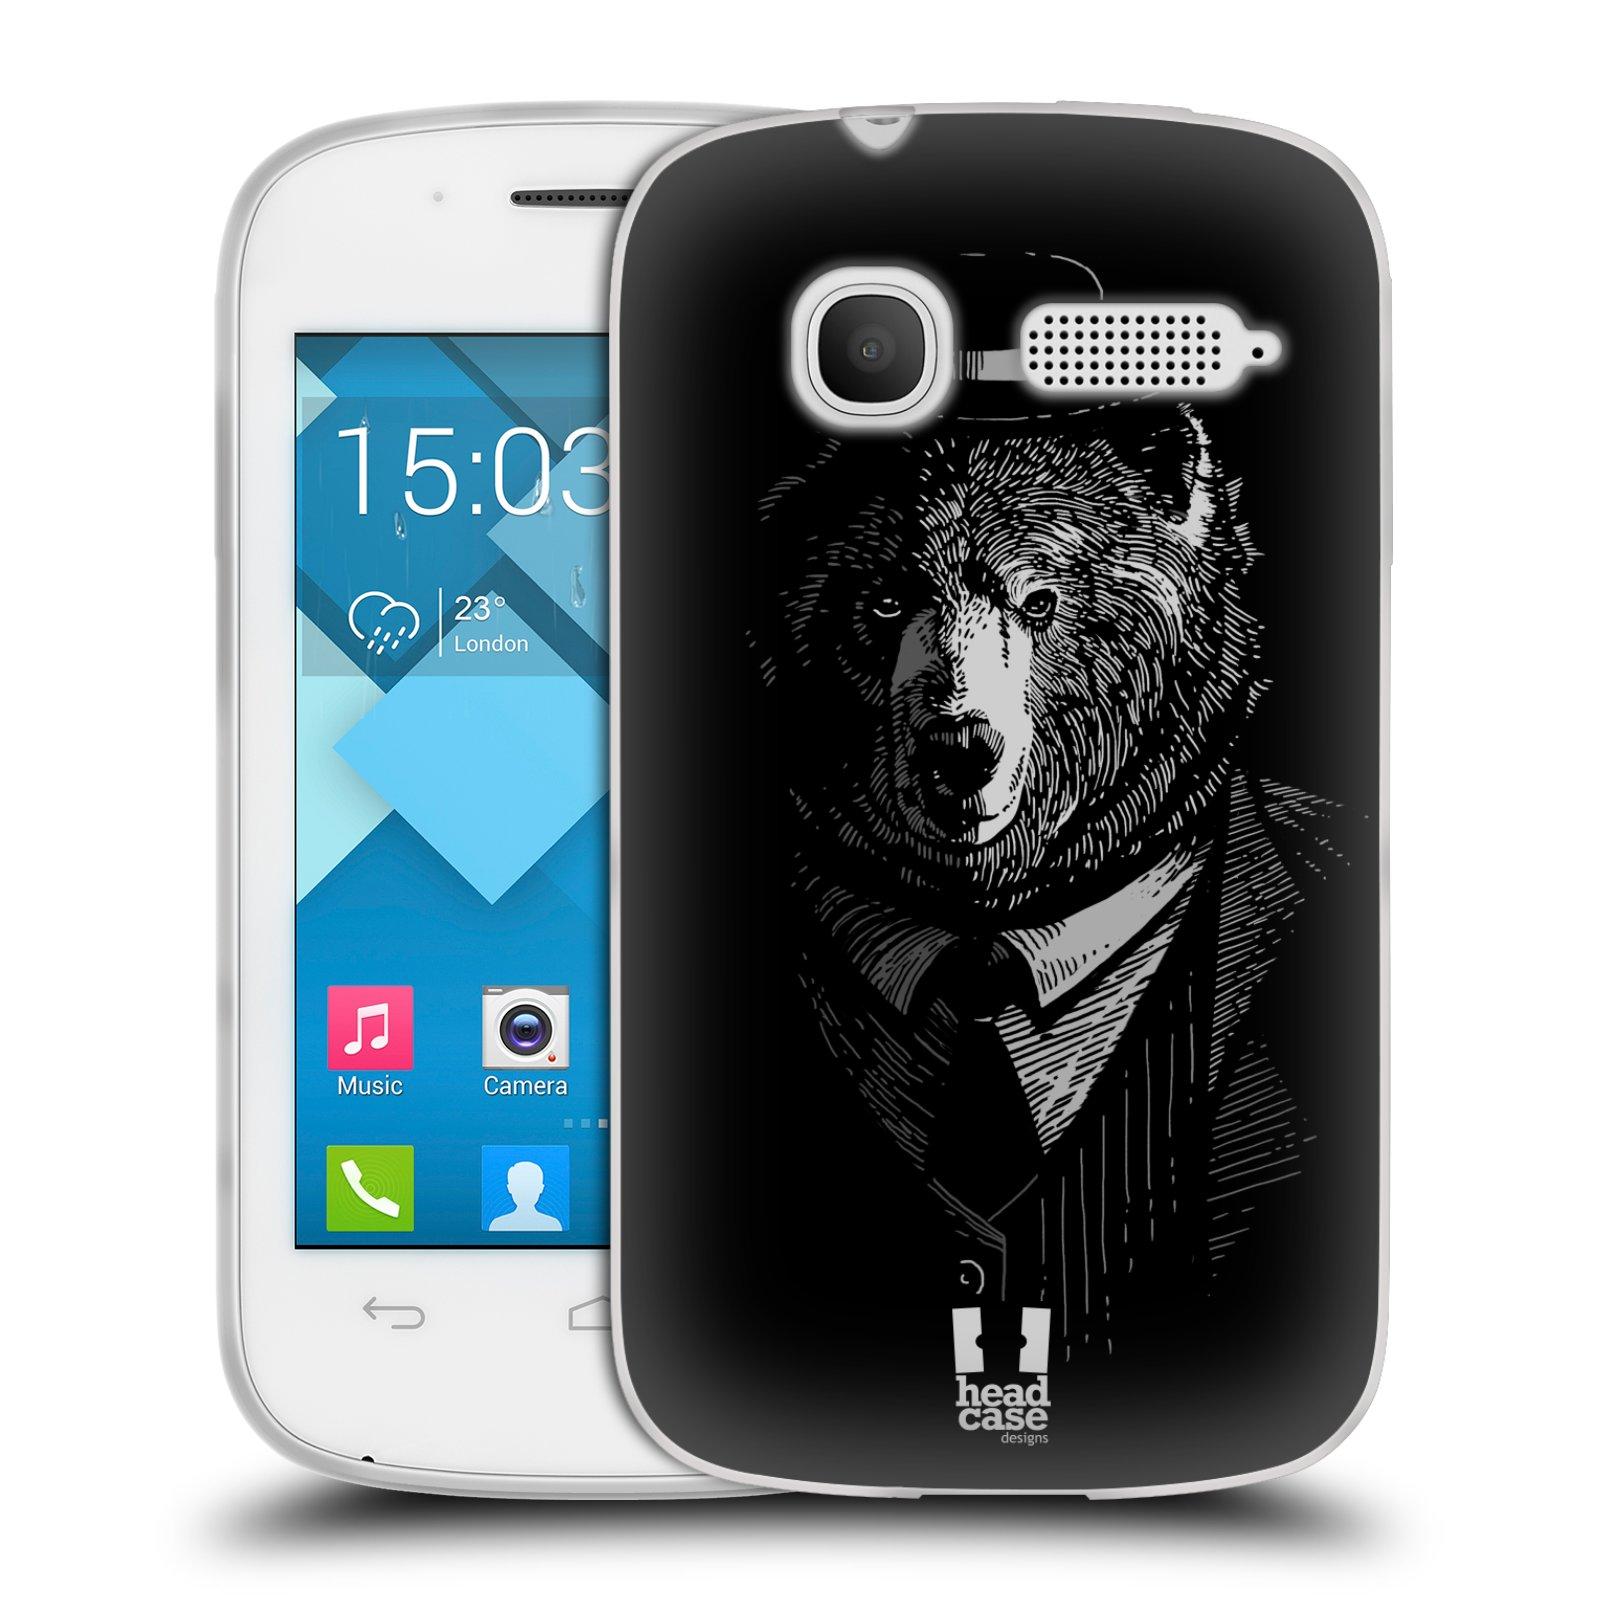 Silikonové pouzdro na mobil Alcatel One Touch Pop C1 HEAD CASE MEDVĚD V KVÁDRU (Silikonový kryt či obal na mobilní telefon Alcatel OT-4015D POP C1)